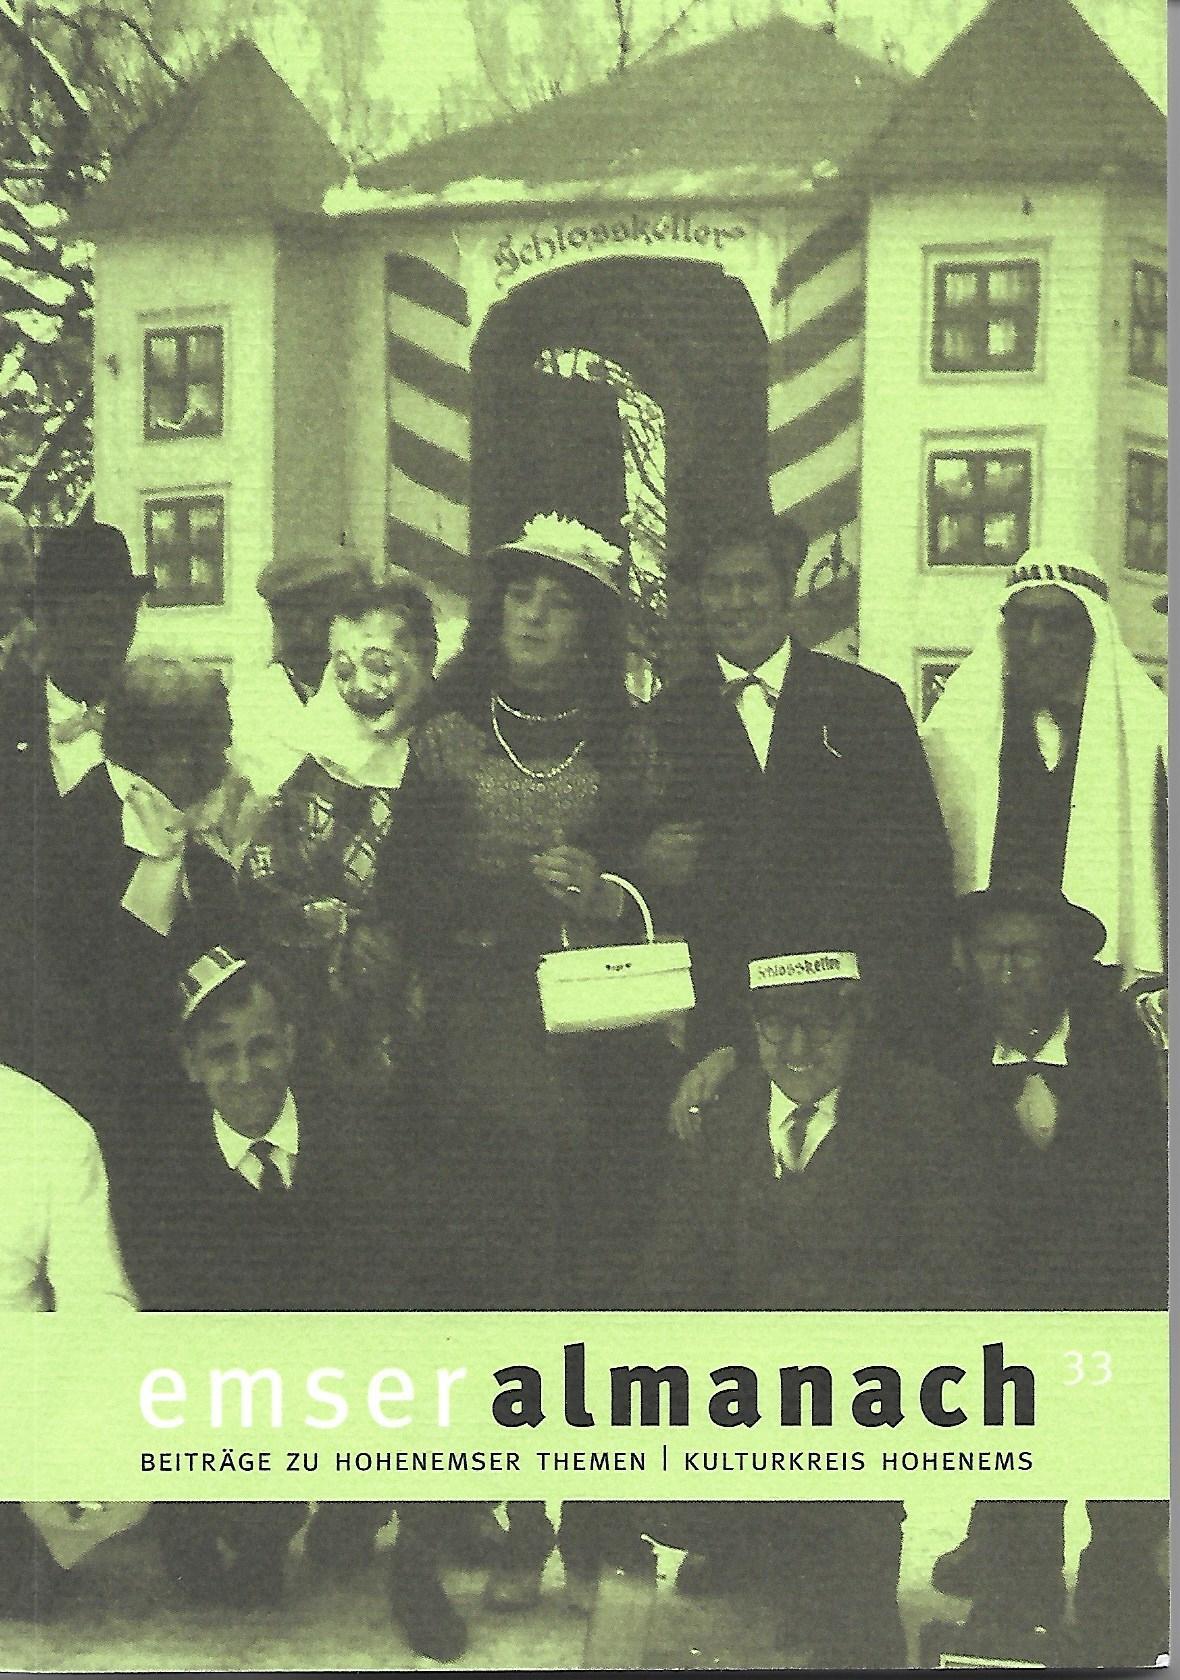 almanach_0030